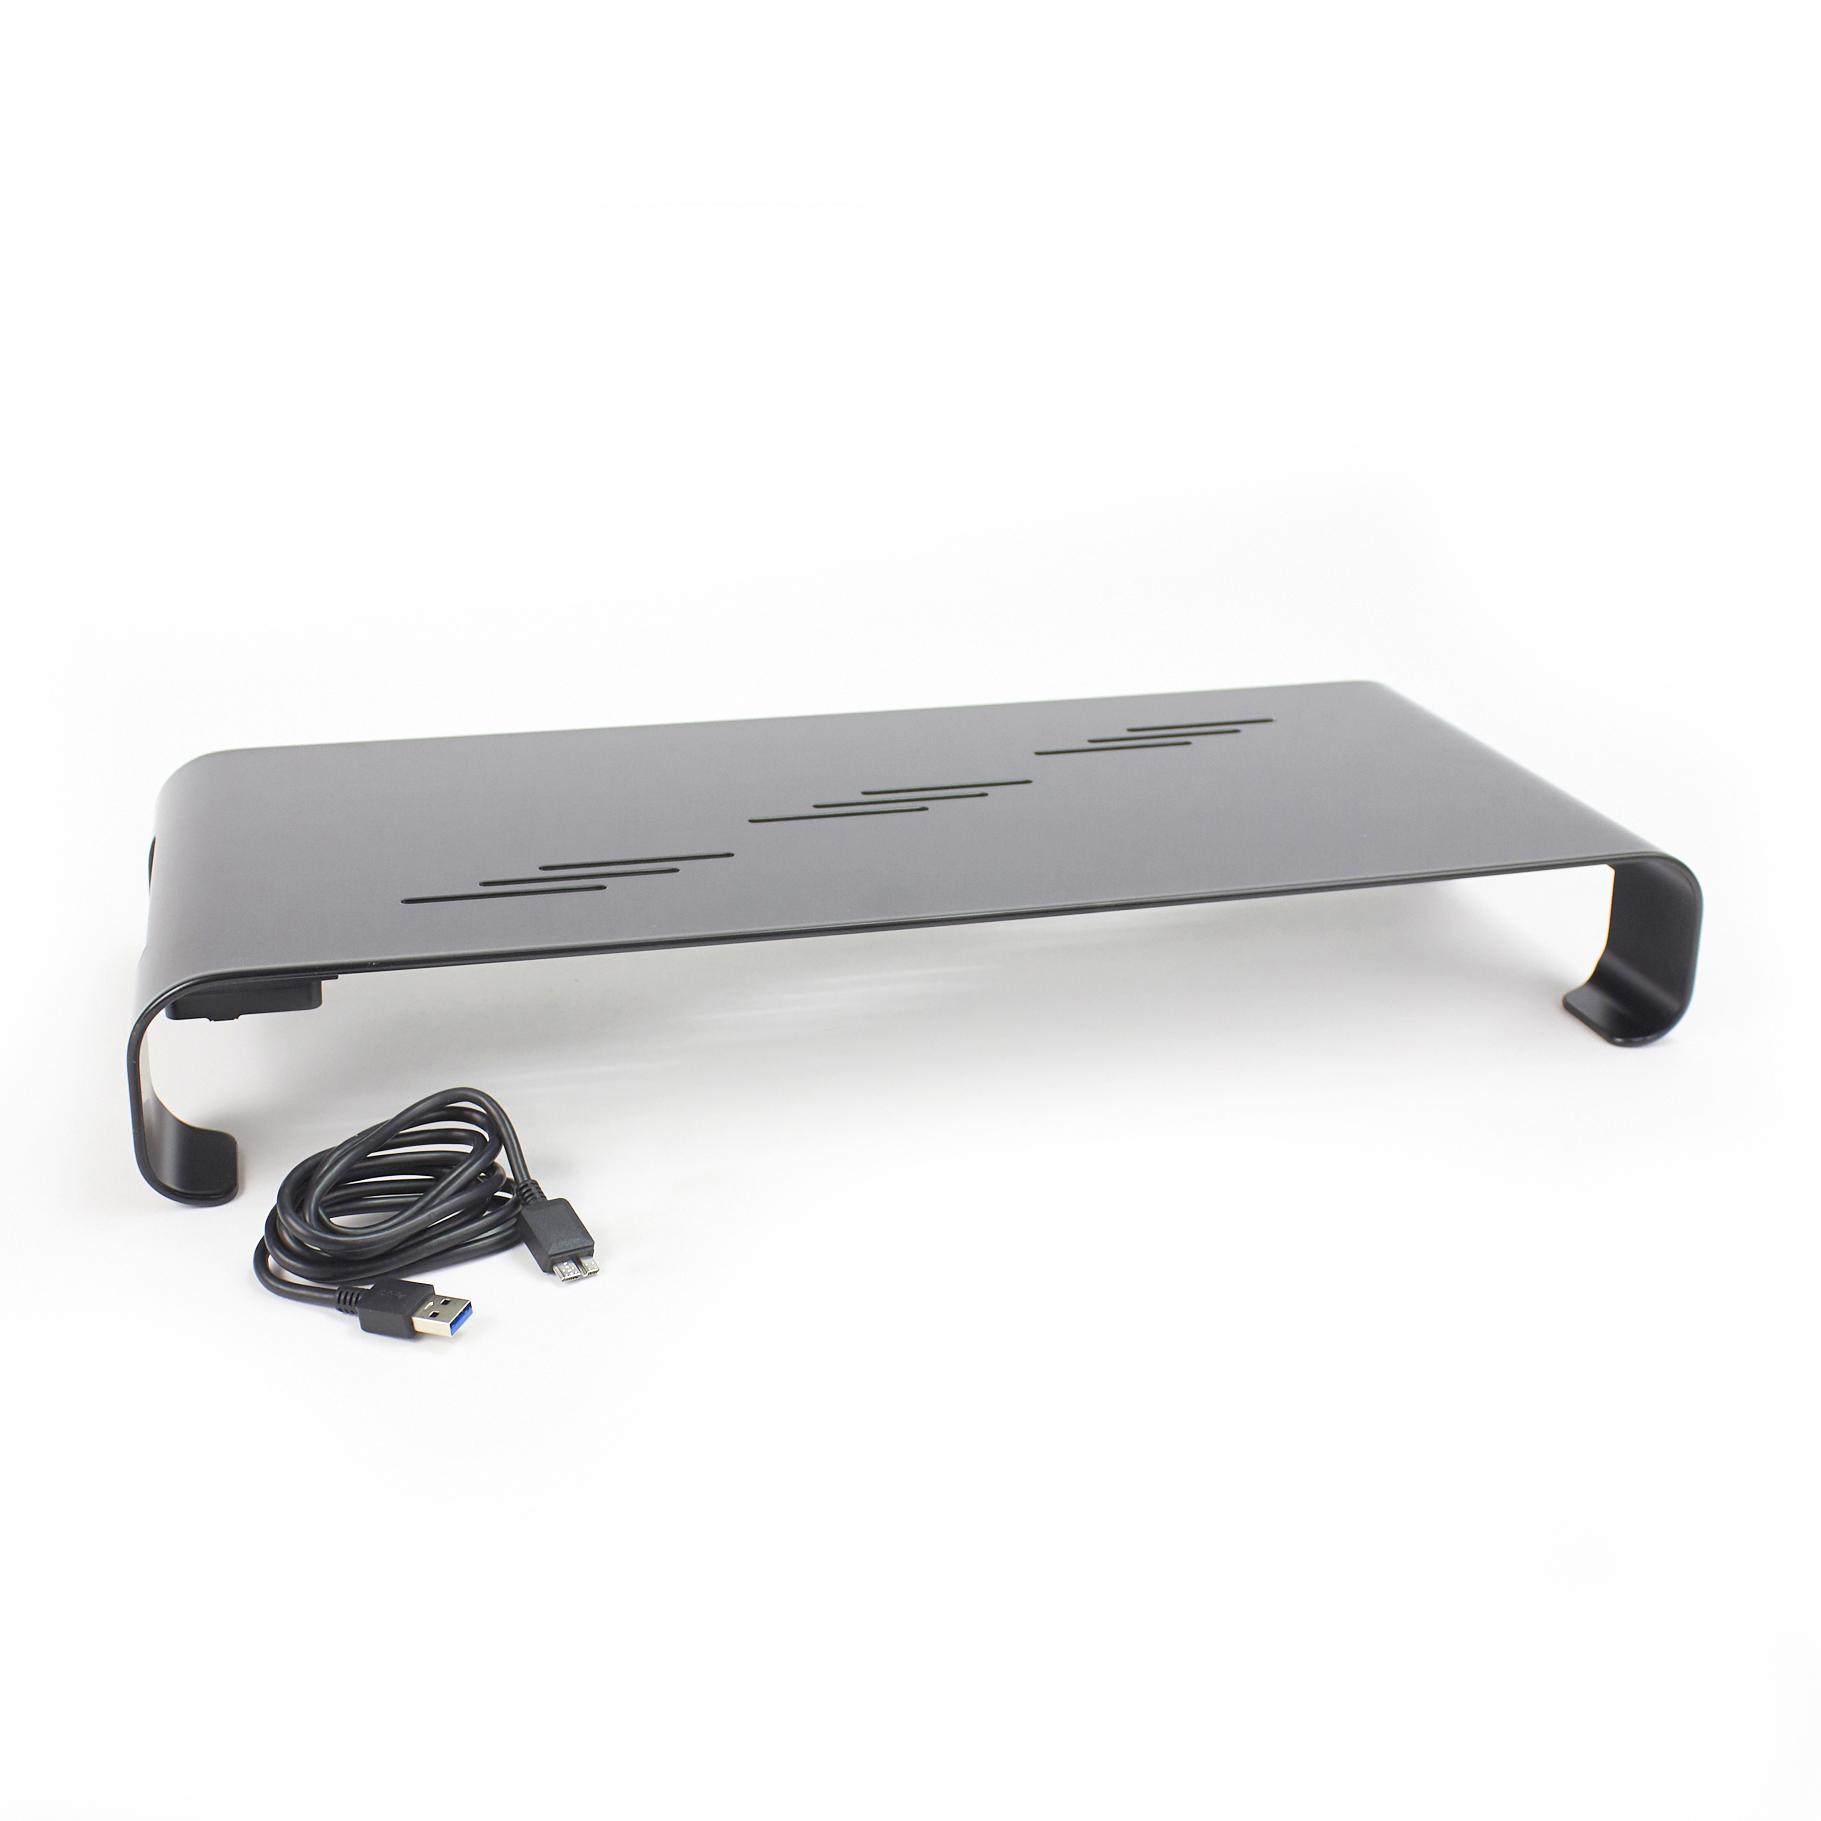 5 Star Office Monitor Stand Aluminium Four USB Ports 520x210x75mm Black